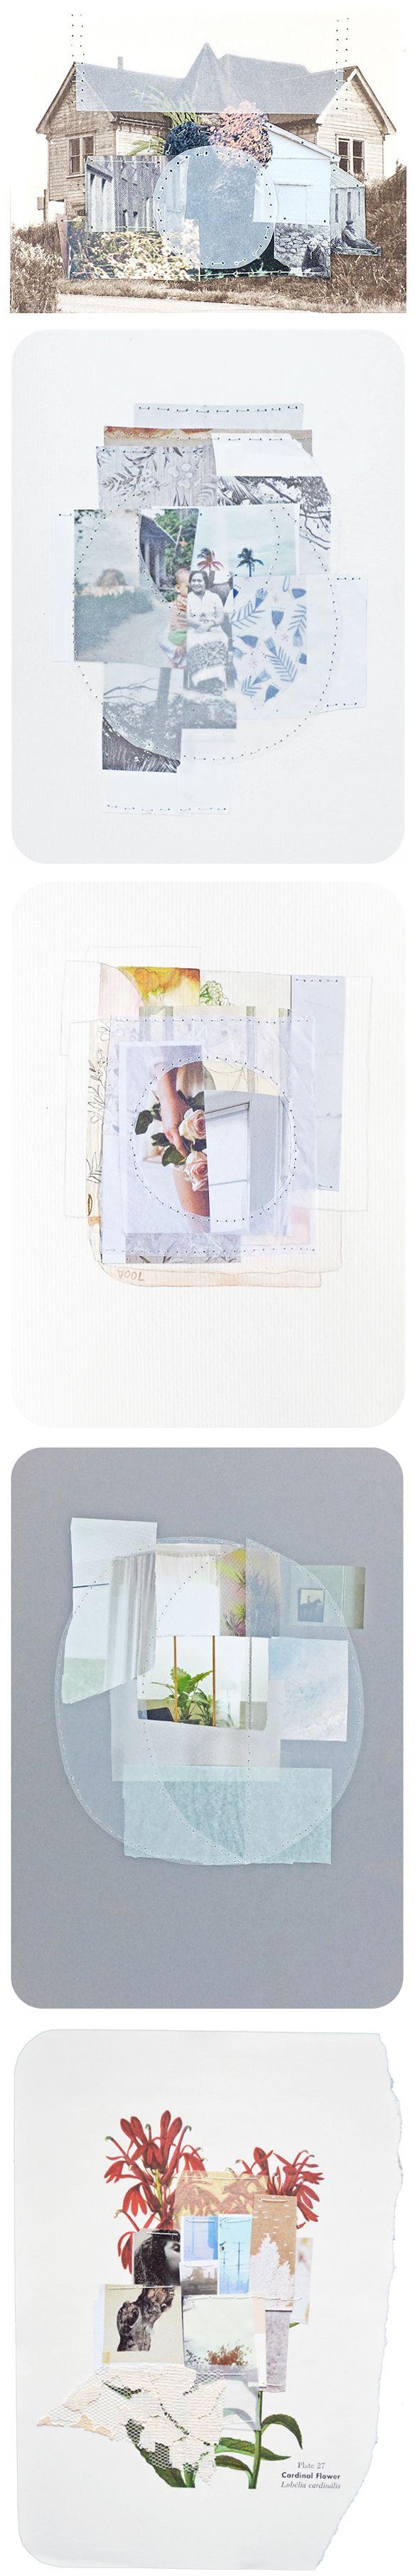 sewn collages by linden eller